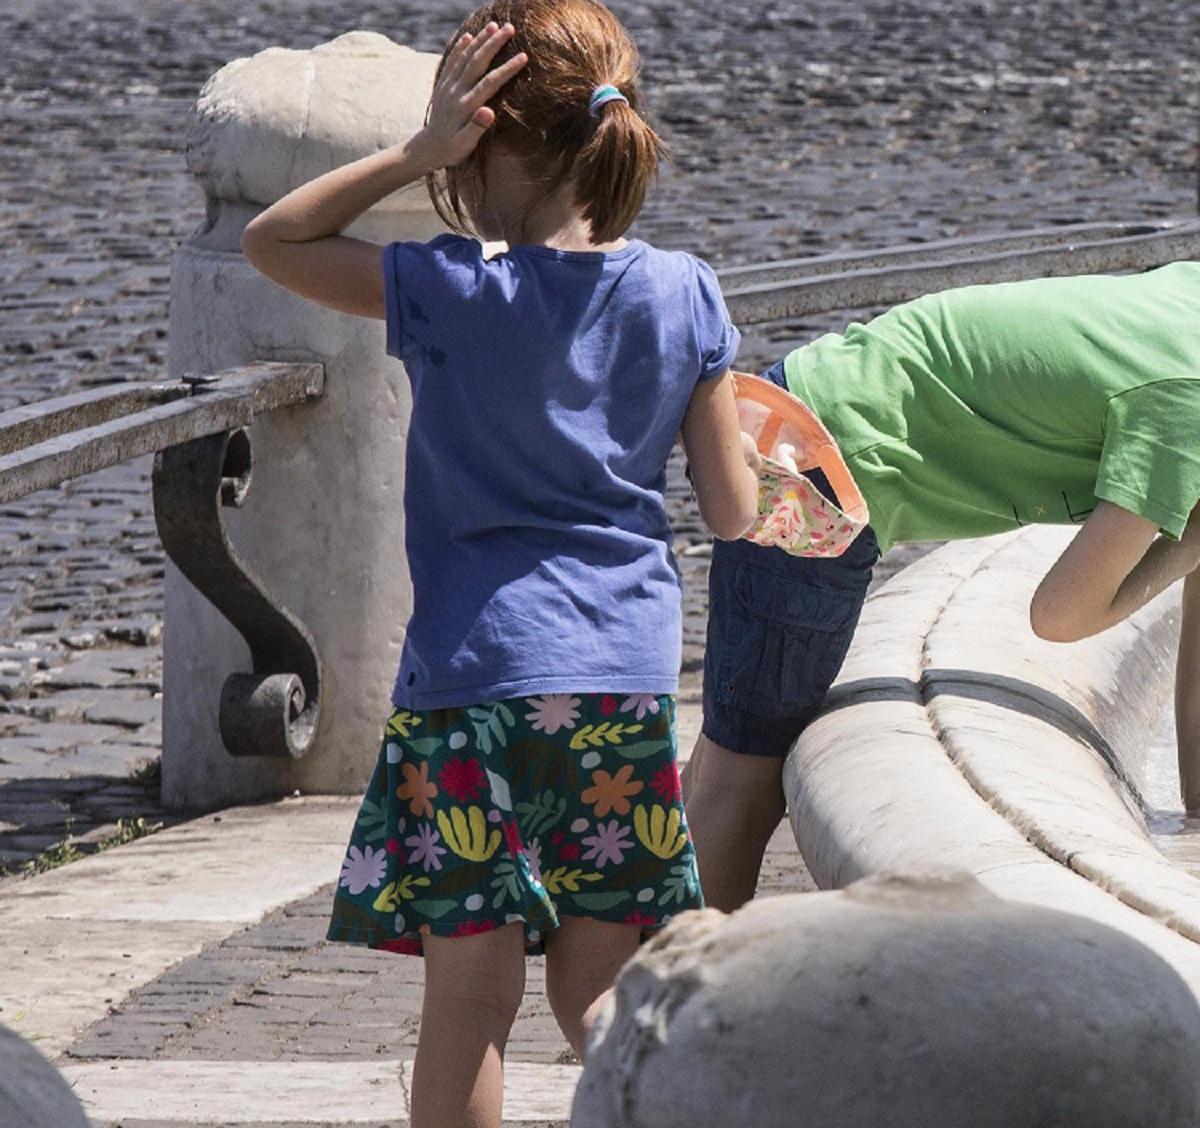 Italia bollino arancione città ondata calore